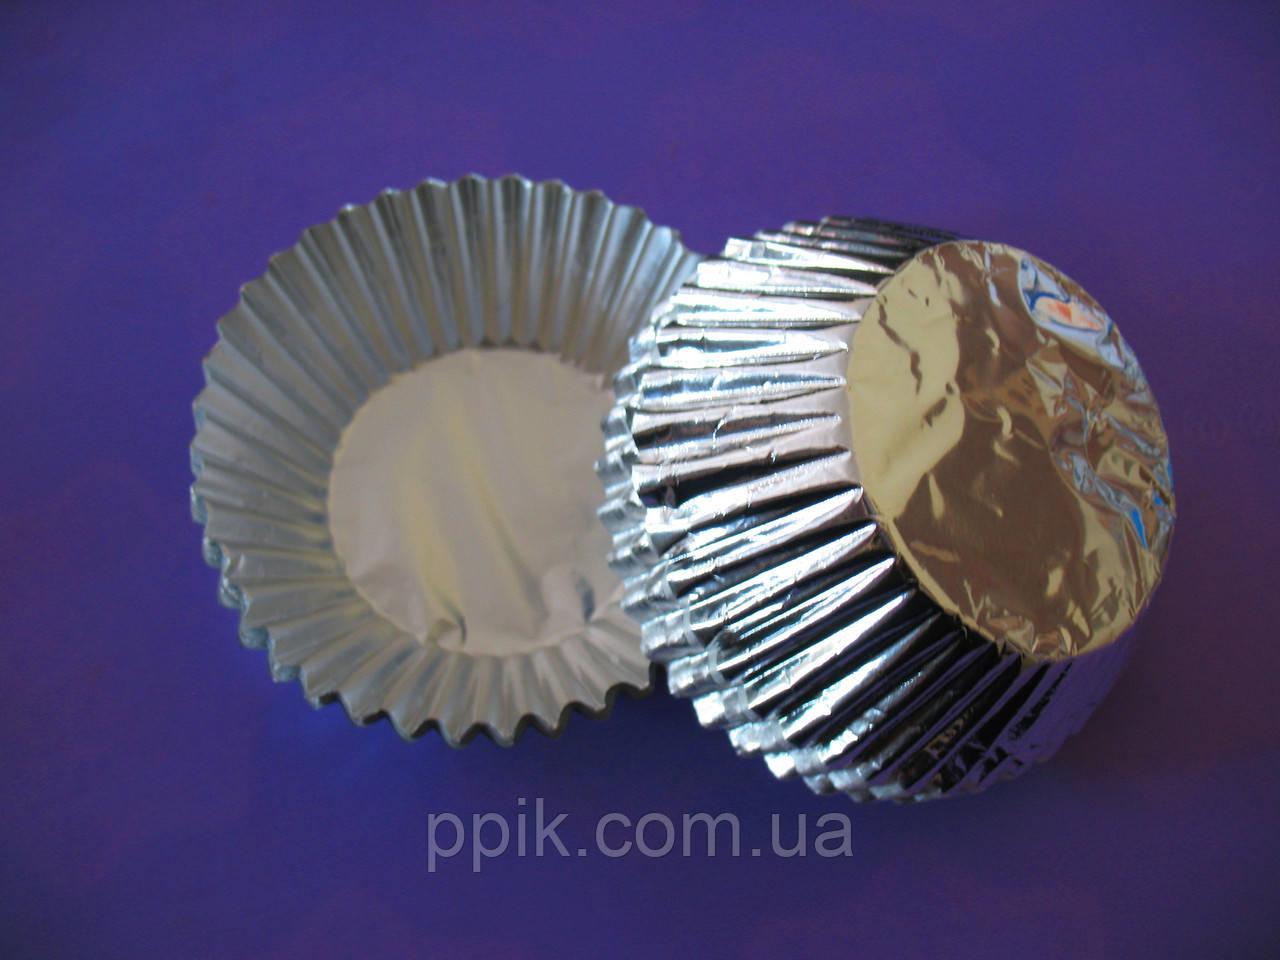 Как сделать формочки из фольги для тарталеток